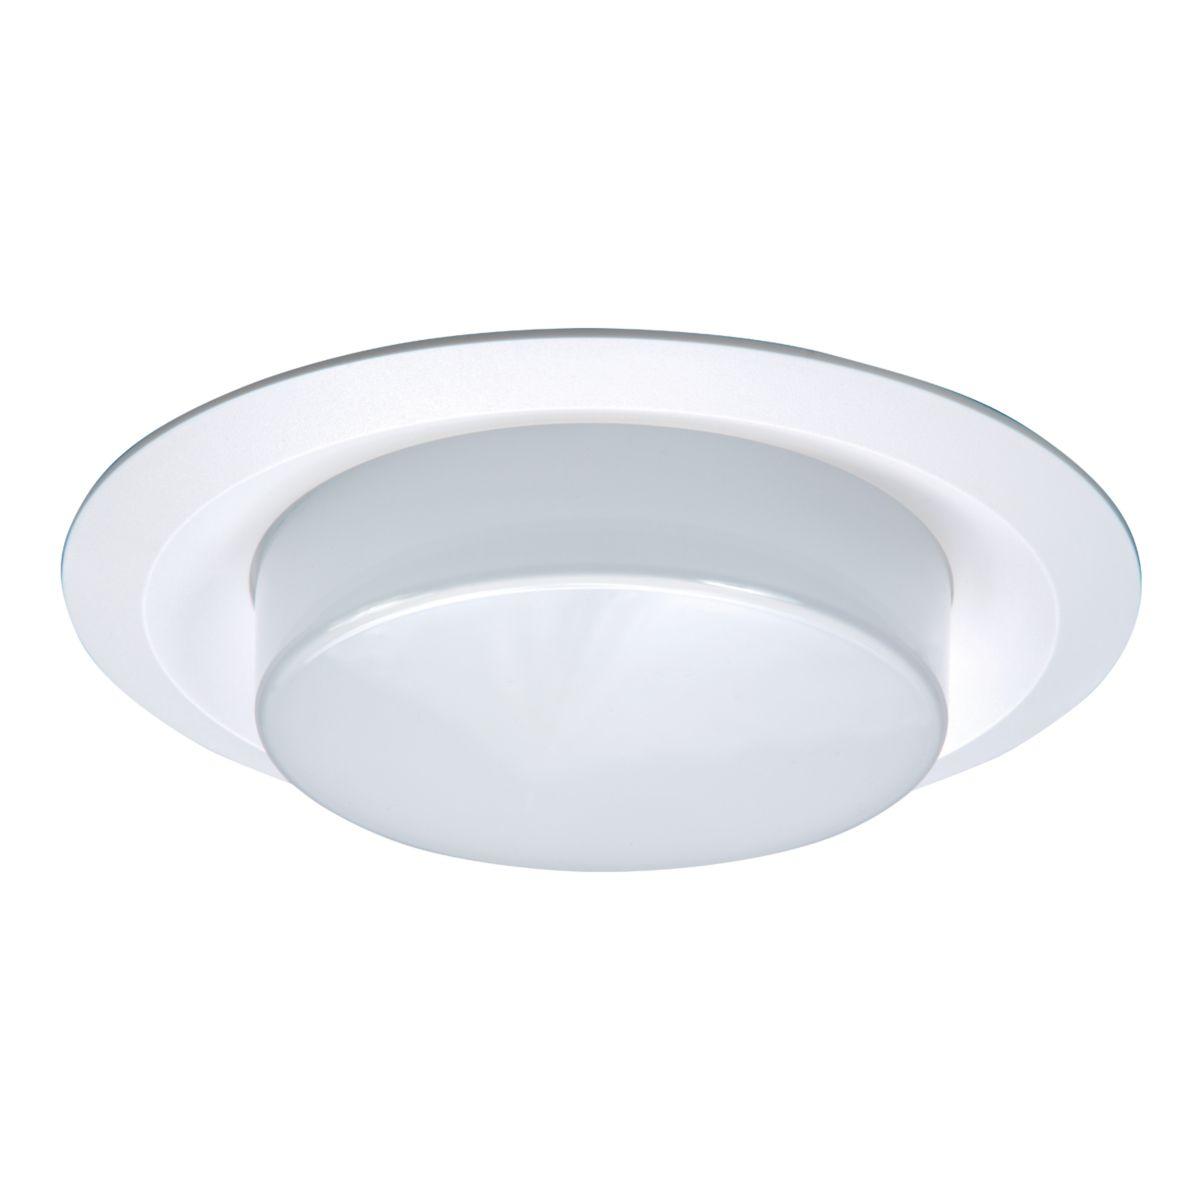 6160 Drop White Plastic Lens